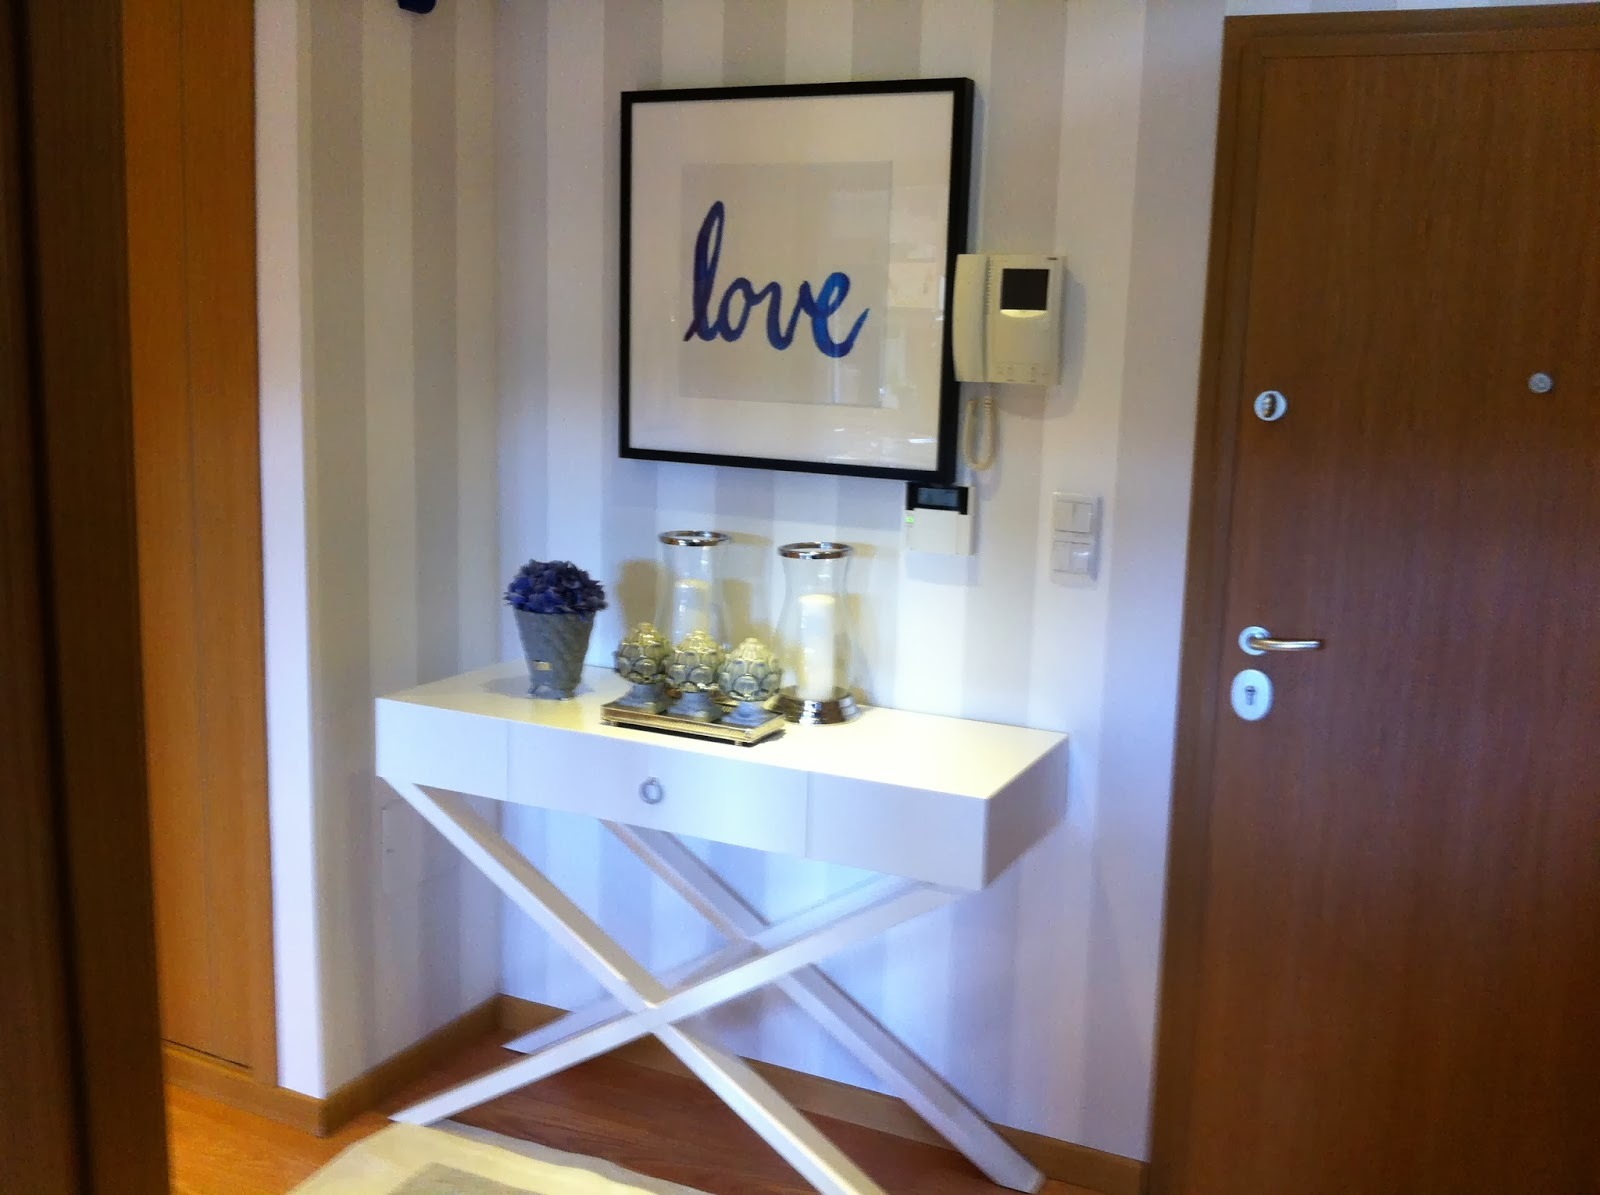 Blanco interiores um hall novo for Entradas de casa ikea